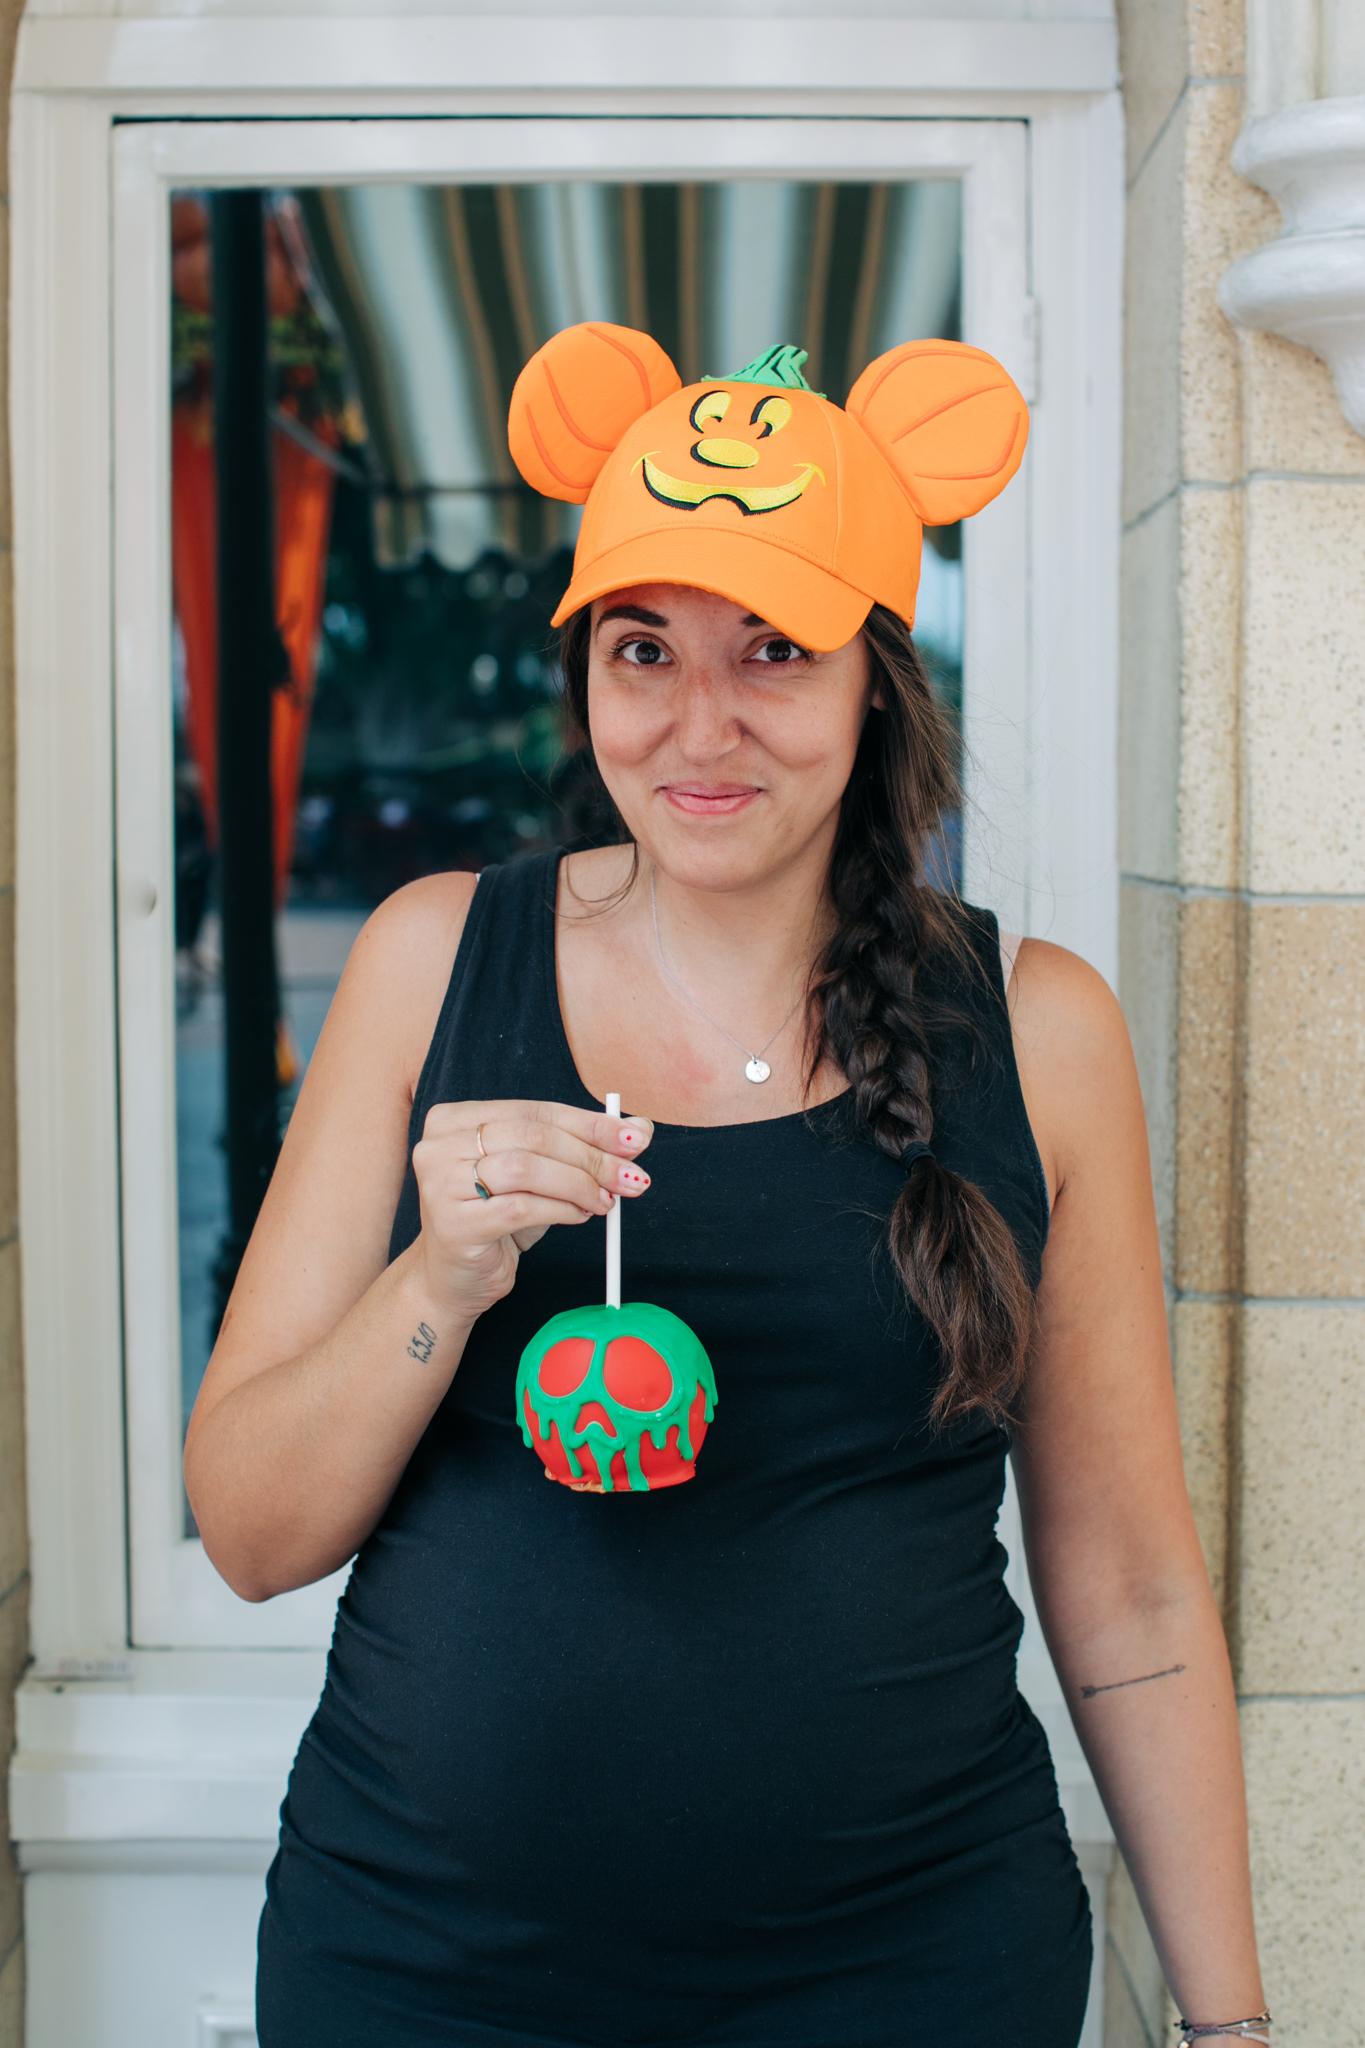 BabyBoyBakery_Disneyland_LilyRo-82.jpg